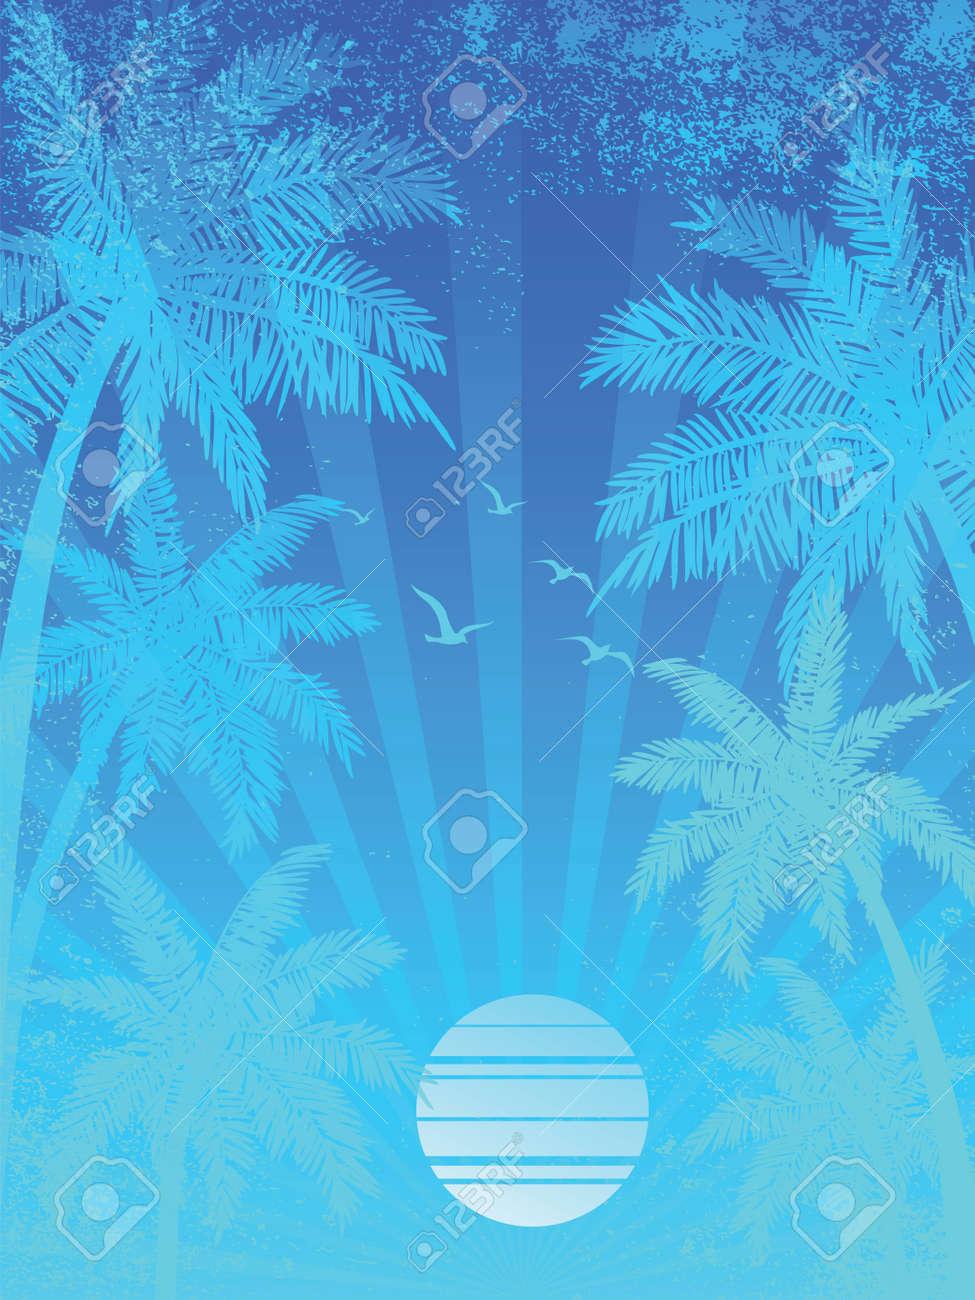 夏の休暇の夕日背景、ヤシの木が、ベクトル イラスト ロイヤリティフリー